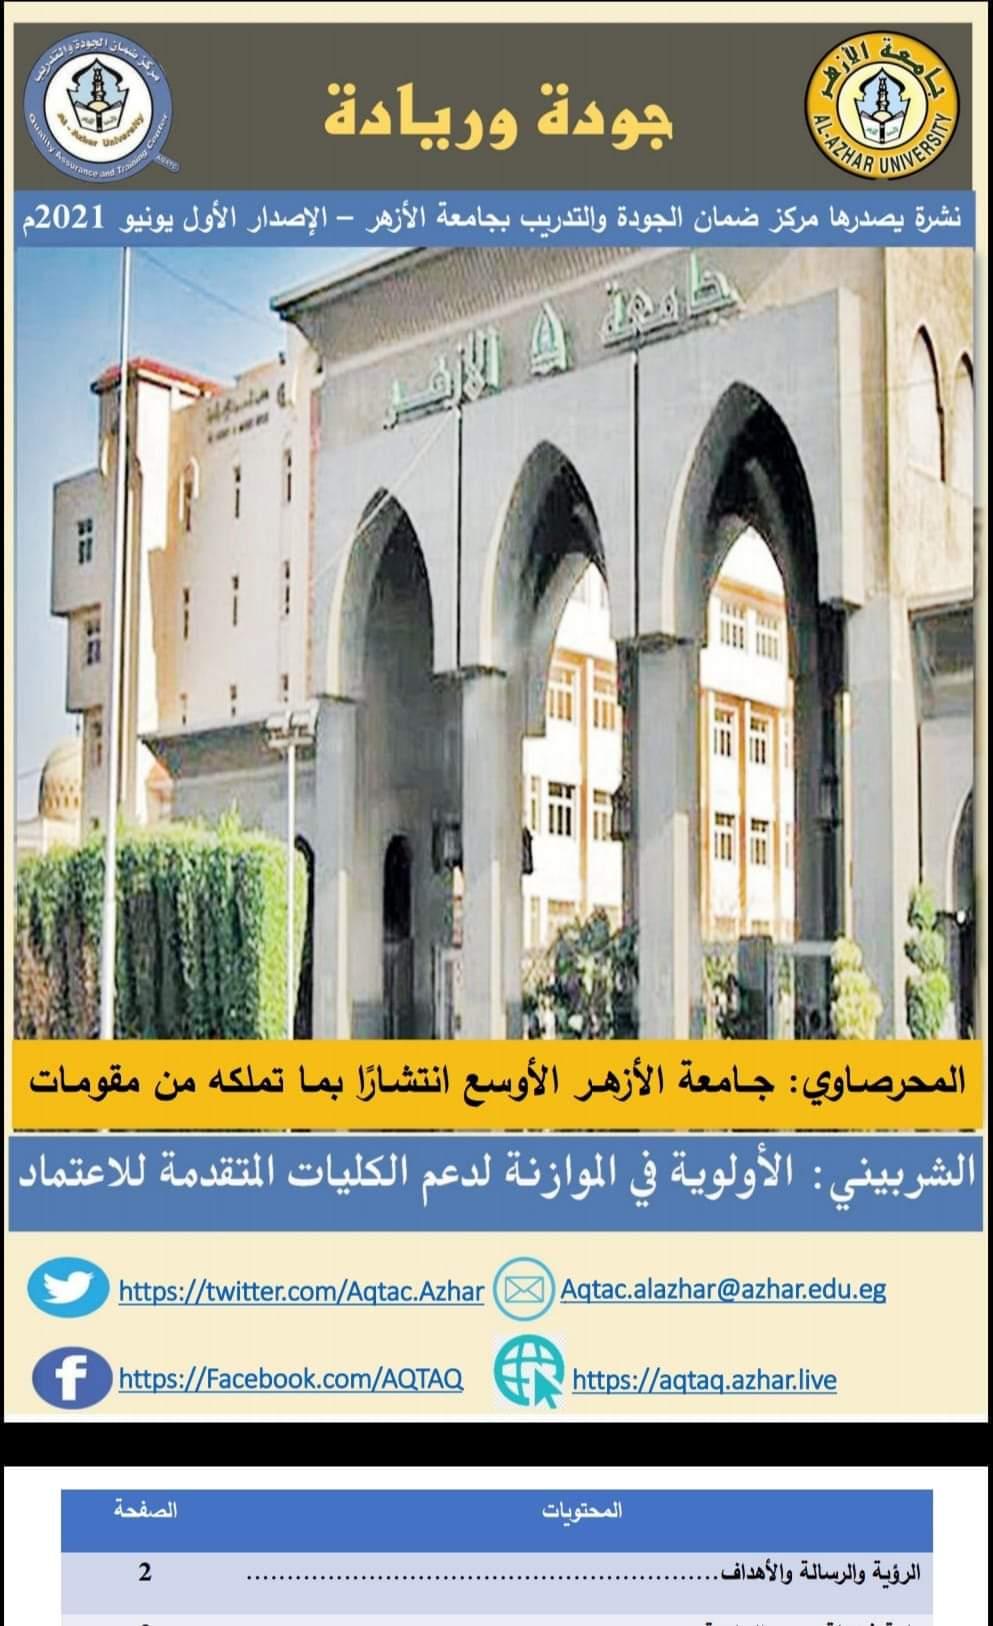 """مركز ضمان الجودة بجامعة الأزهر يصدر العدد الأول من نشرته """"جودة وريادة"""""""